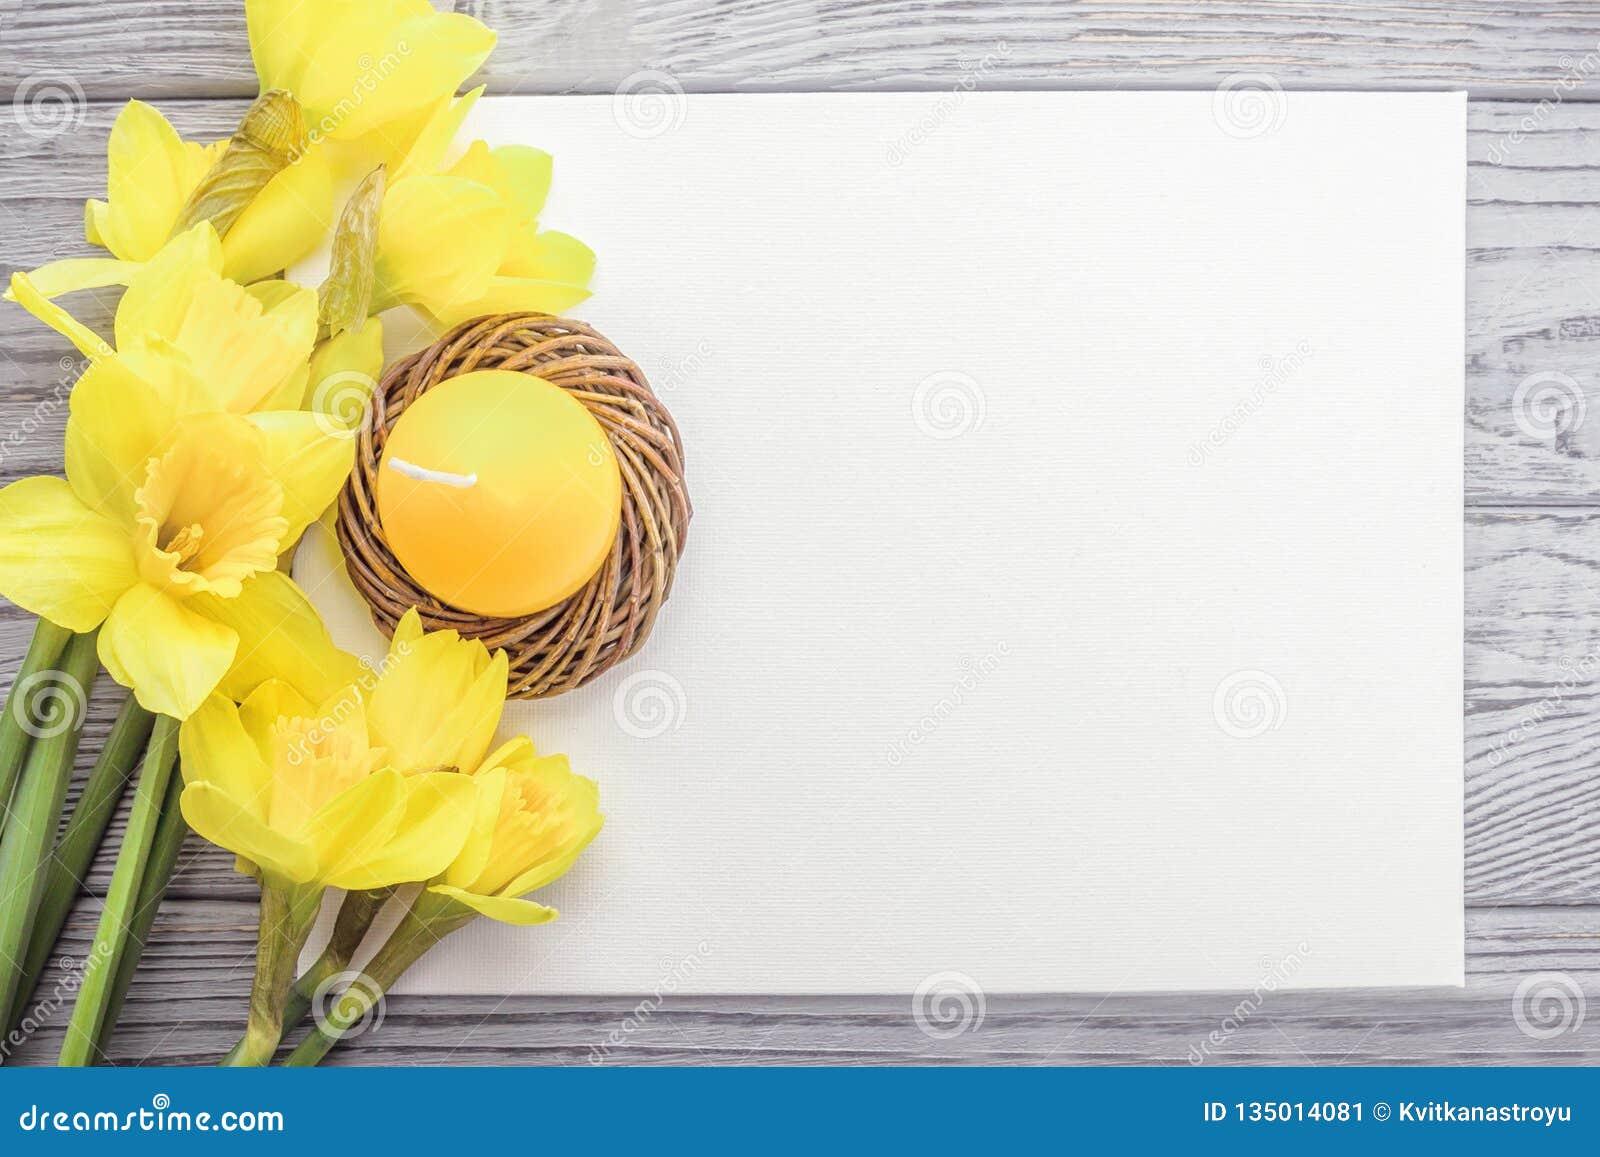 愉快的复活节 复活节蜡烛鸡蛋和黄水仙在灰色背景 复制空间,顶视图